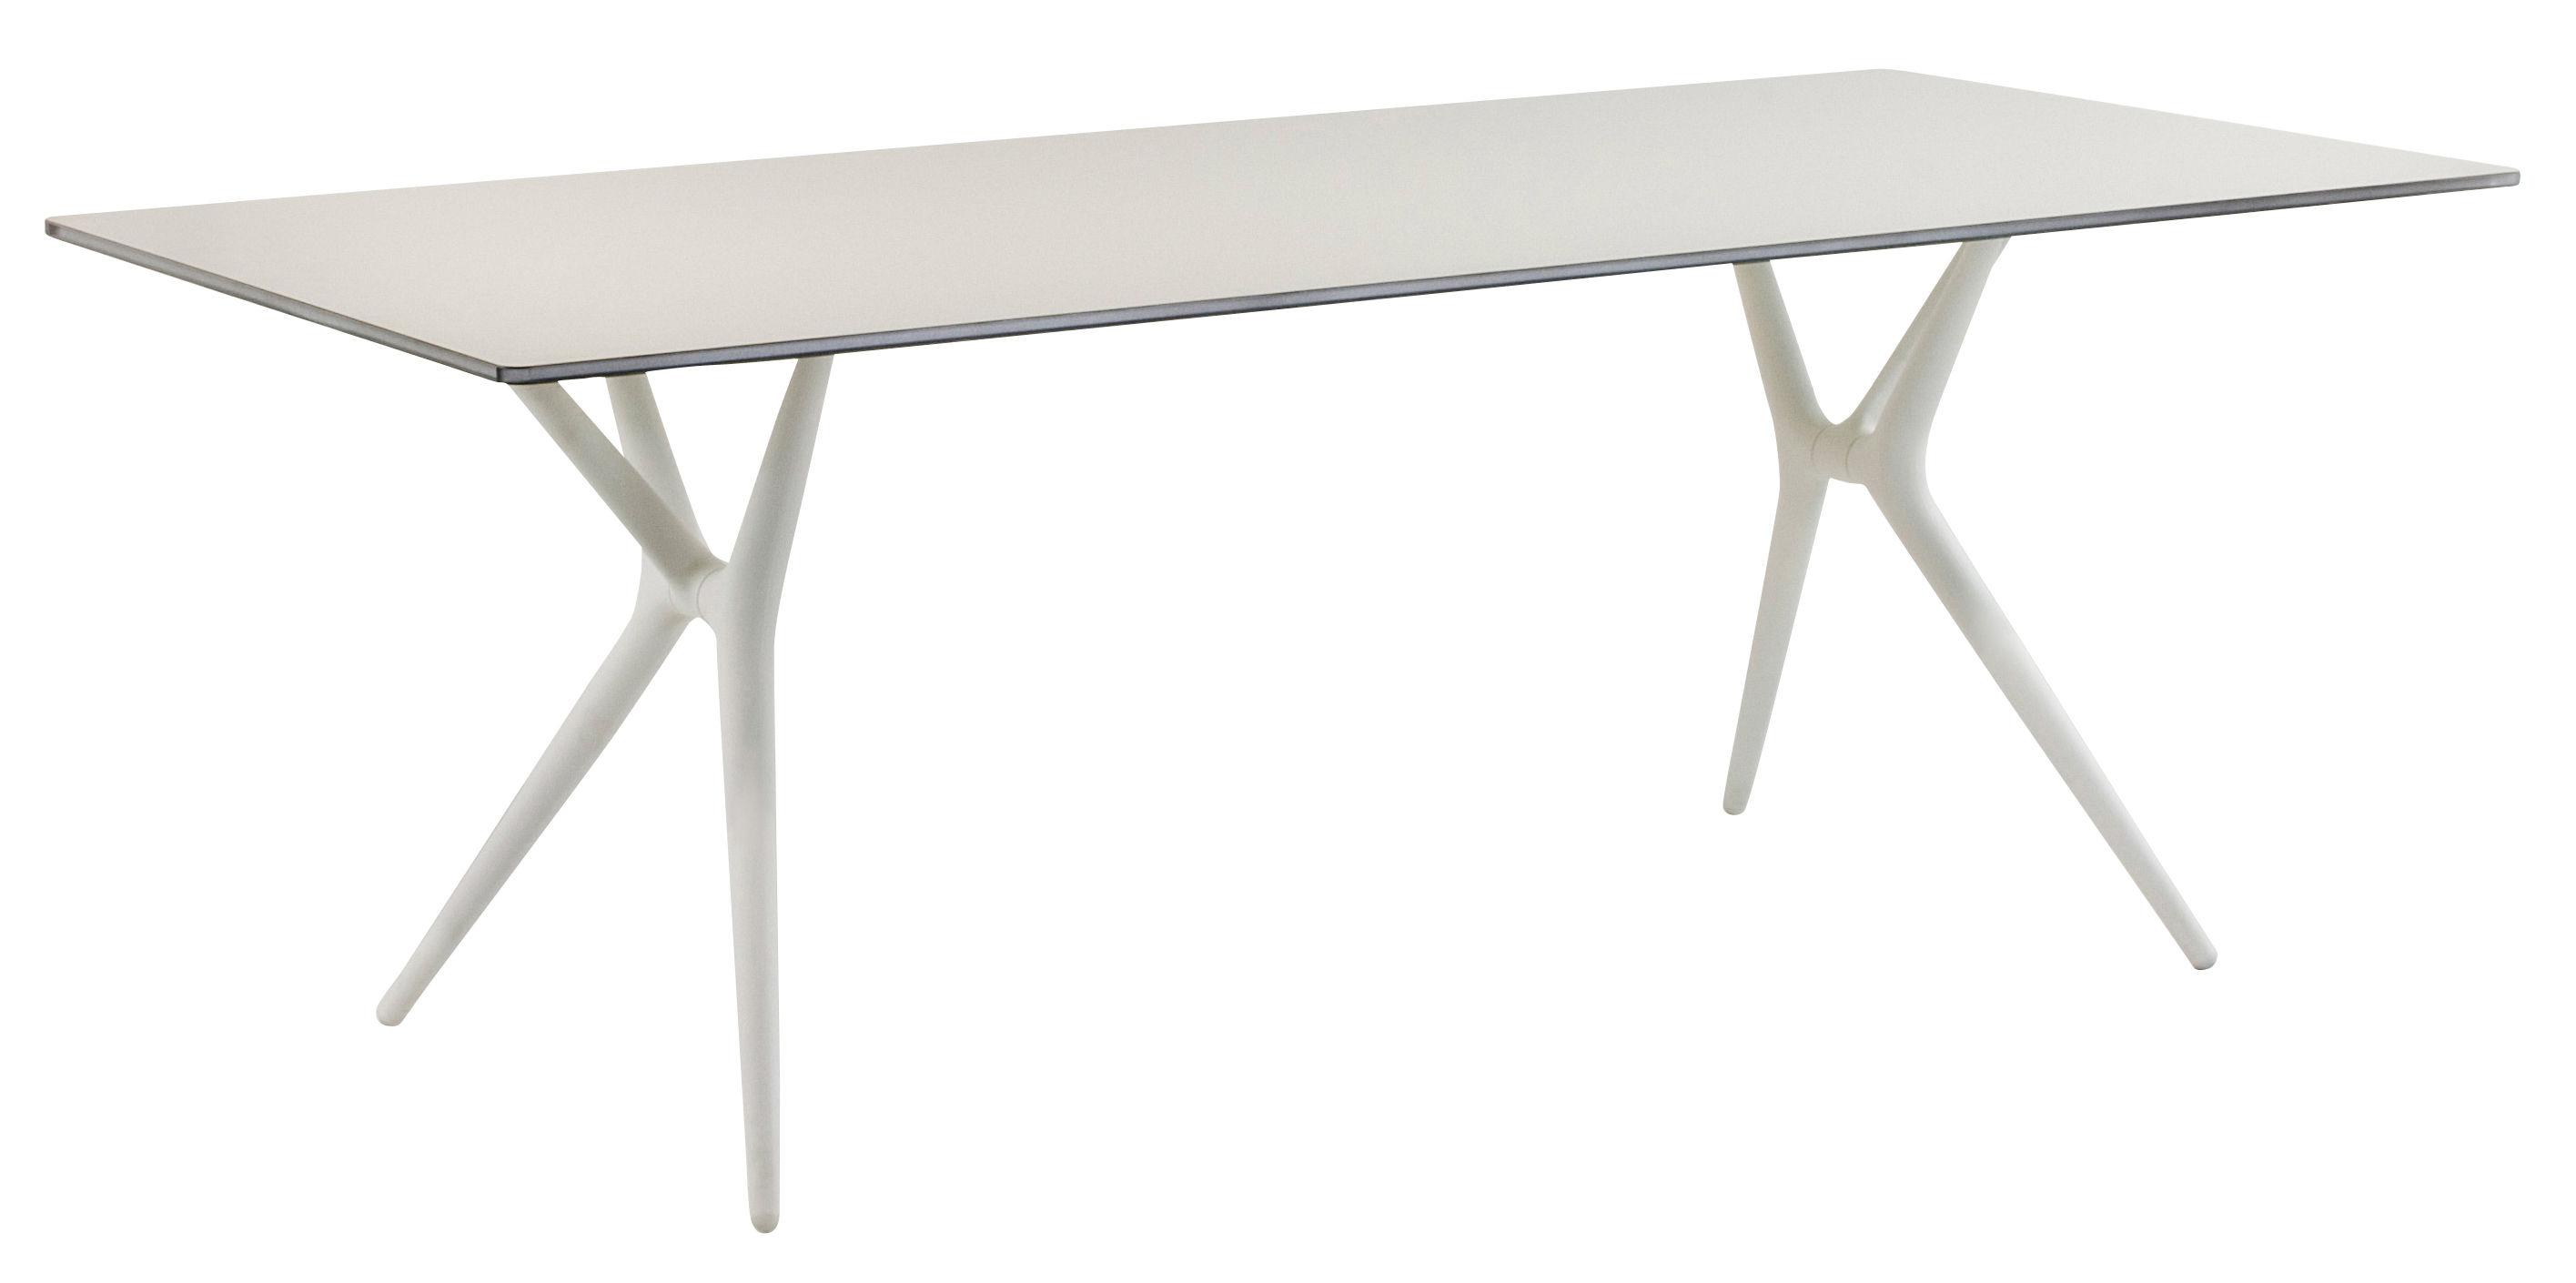 Möbel - Möbel für Teens - Spoon Klapptisch 160 x 80 cm - Kartell - Platte weiß / Beine weiß - Aluminium im laminierten Finish, Technoplymer